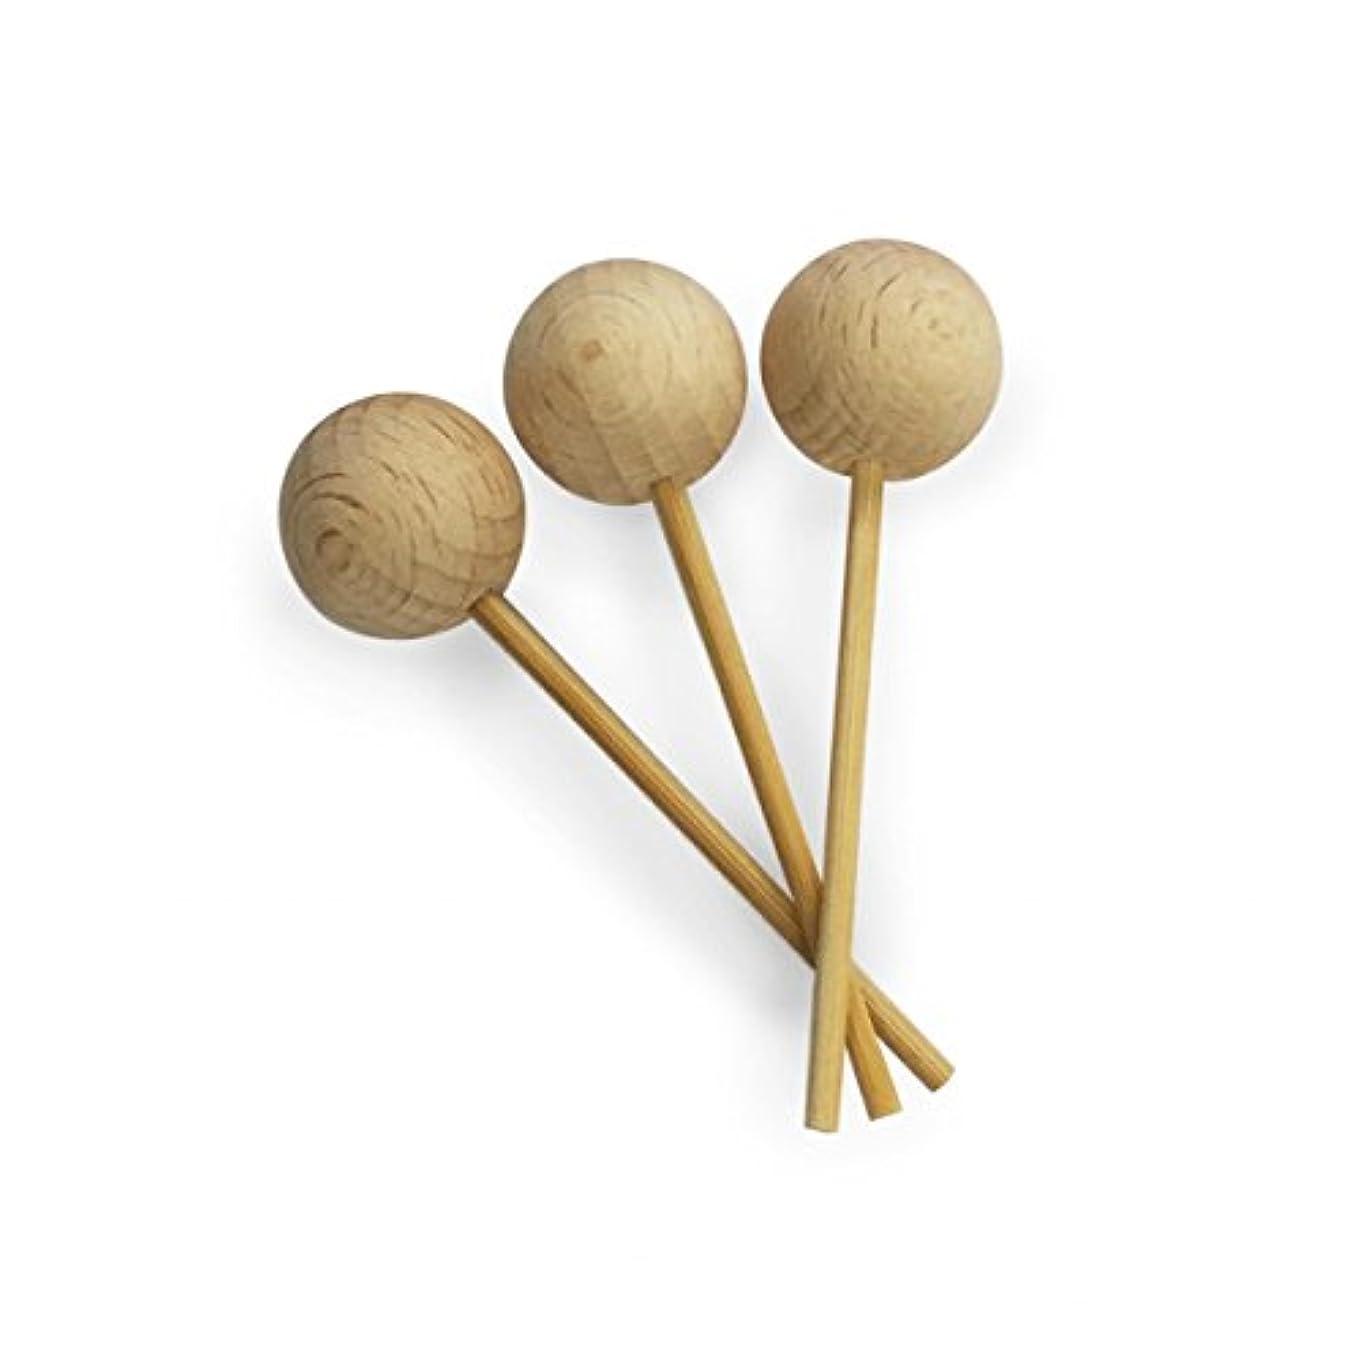 何か観察逃れるカリス成城 アロマ芳香器 木のお家 交換用木製スティック3本入